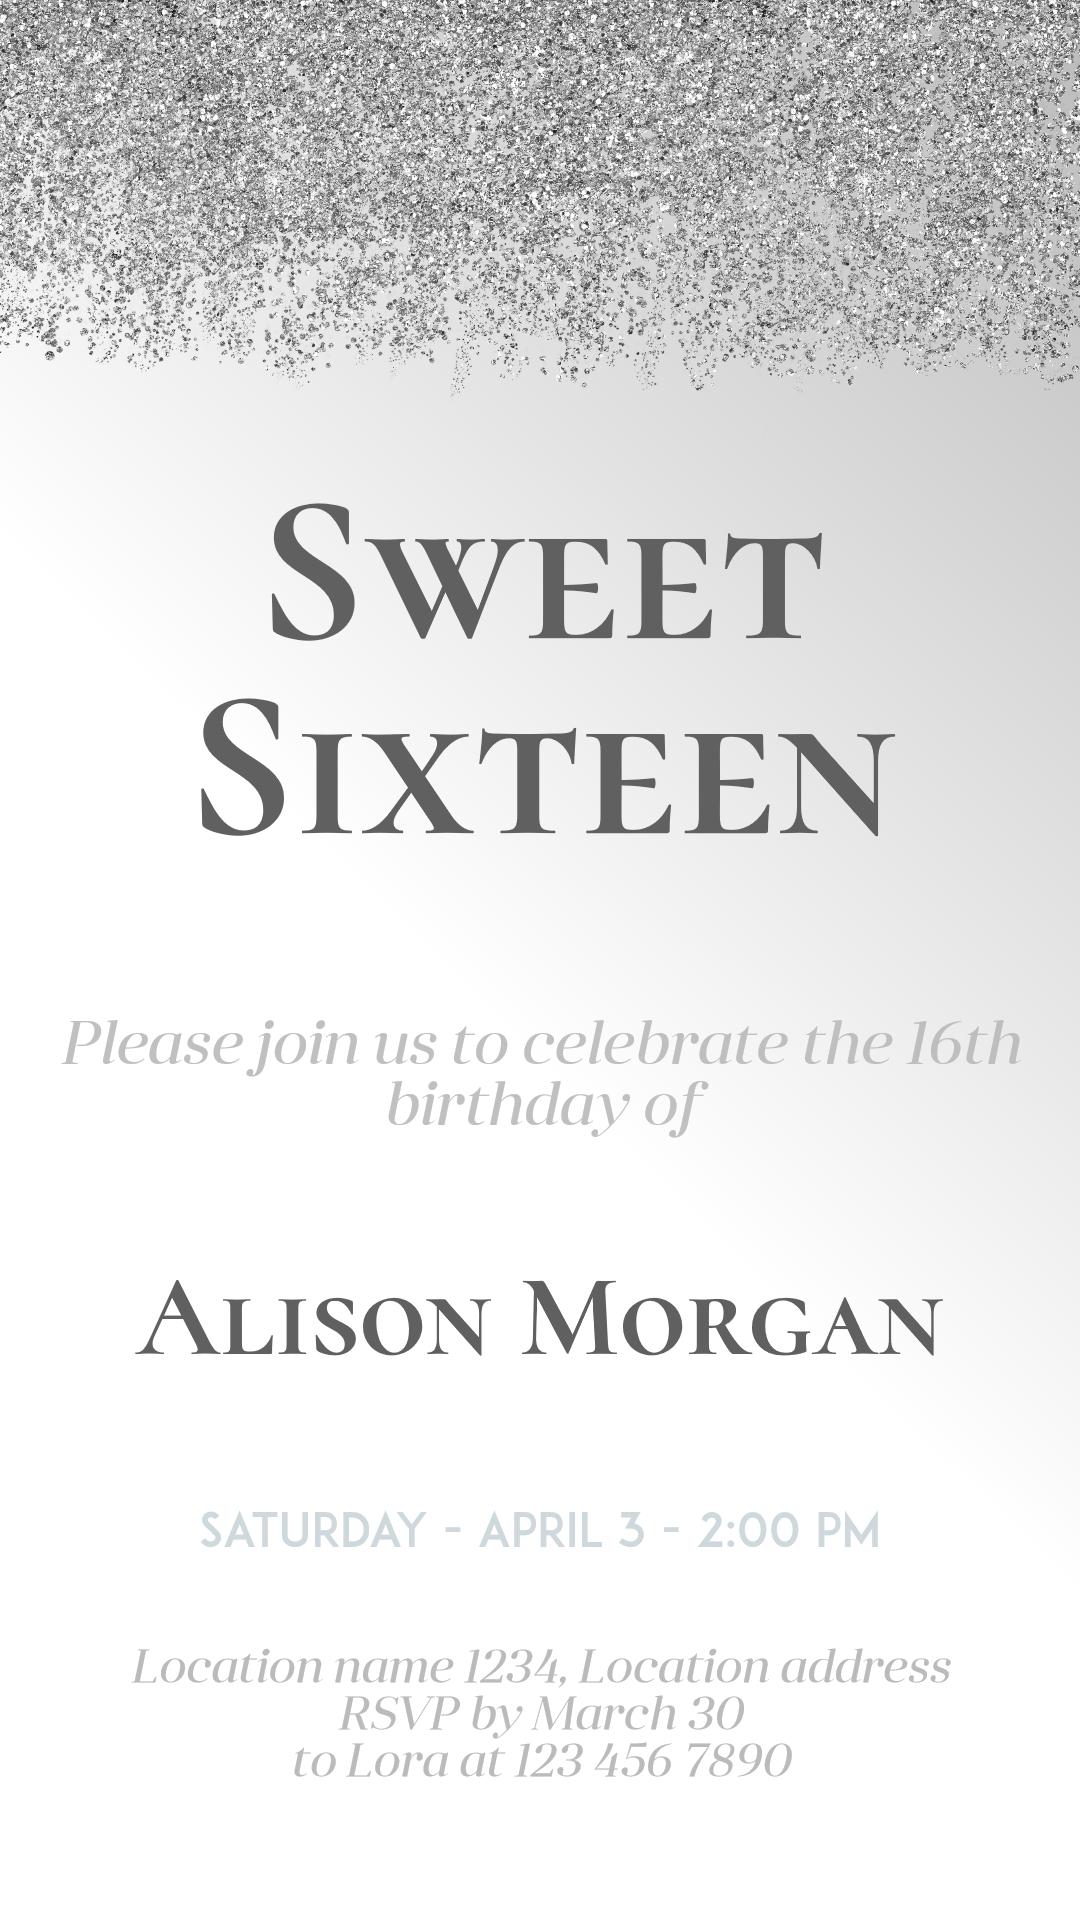 Sweet Sixteen #invitation Animation  Template